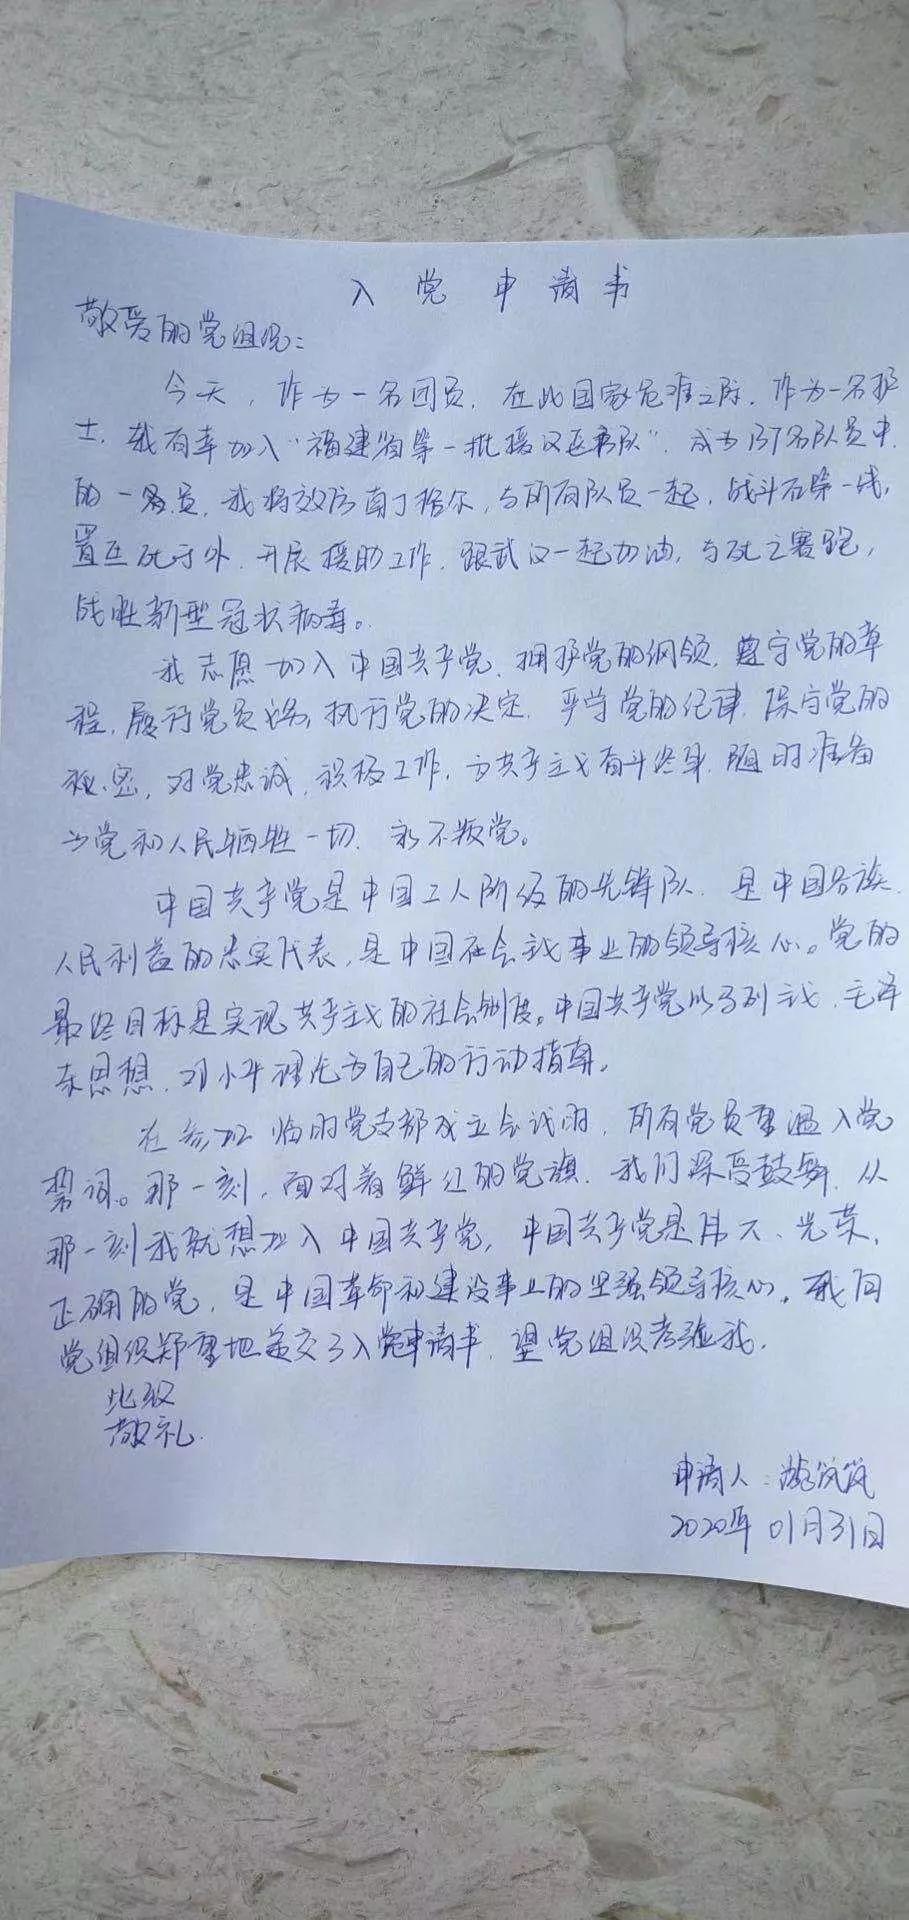 看哭了 漳州首批驰援武汉护士蔡笔峰日记,加油,请平安归来